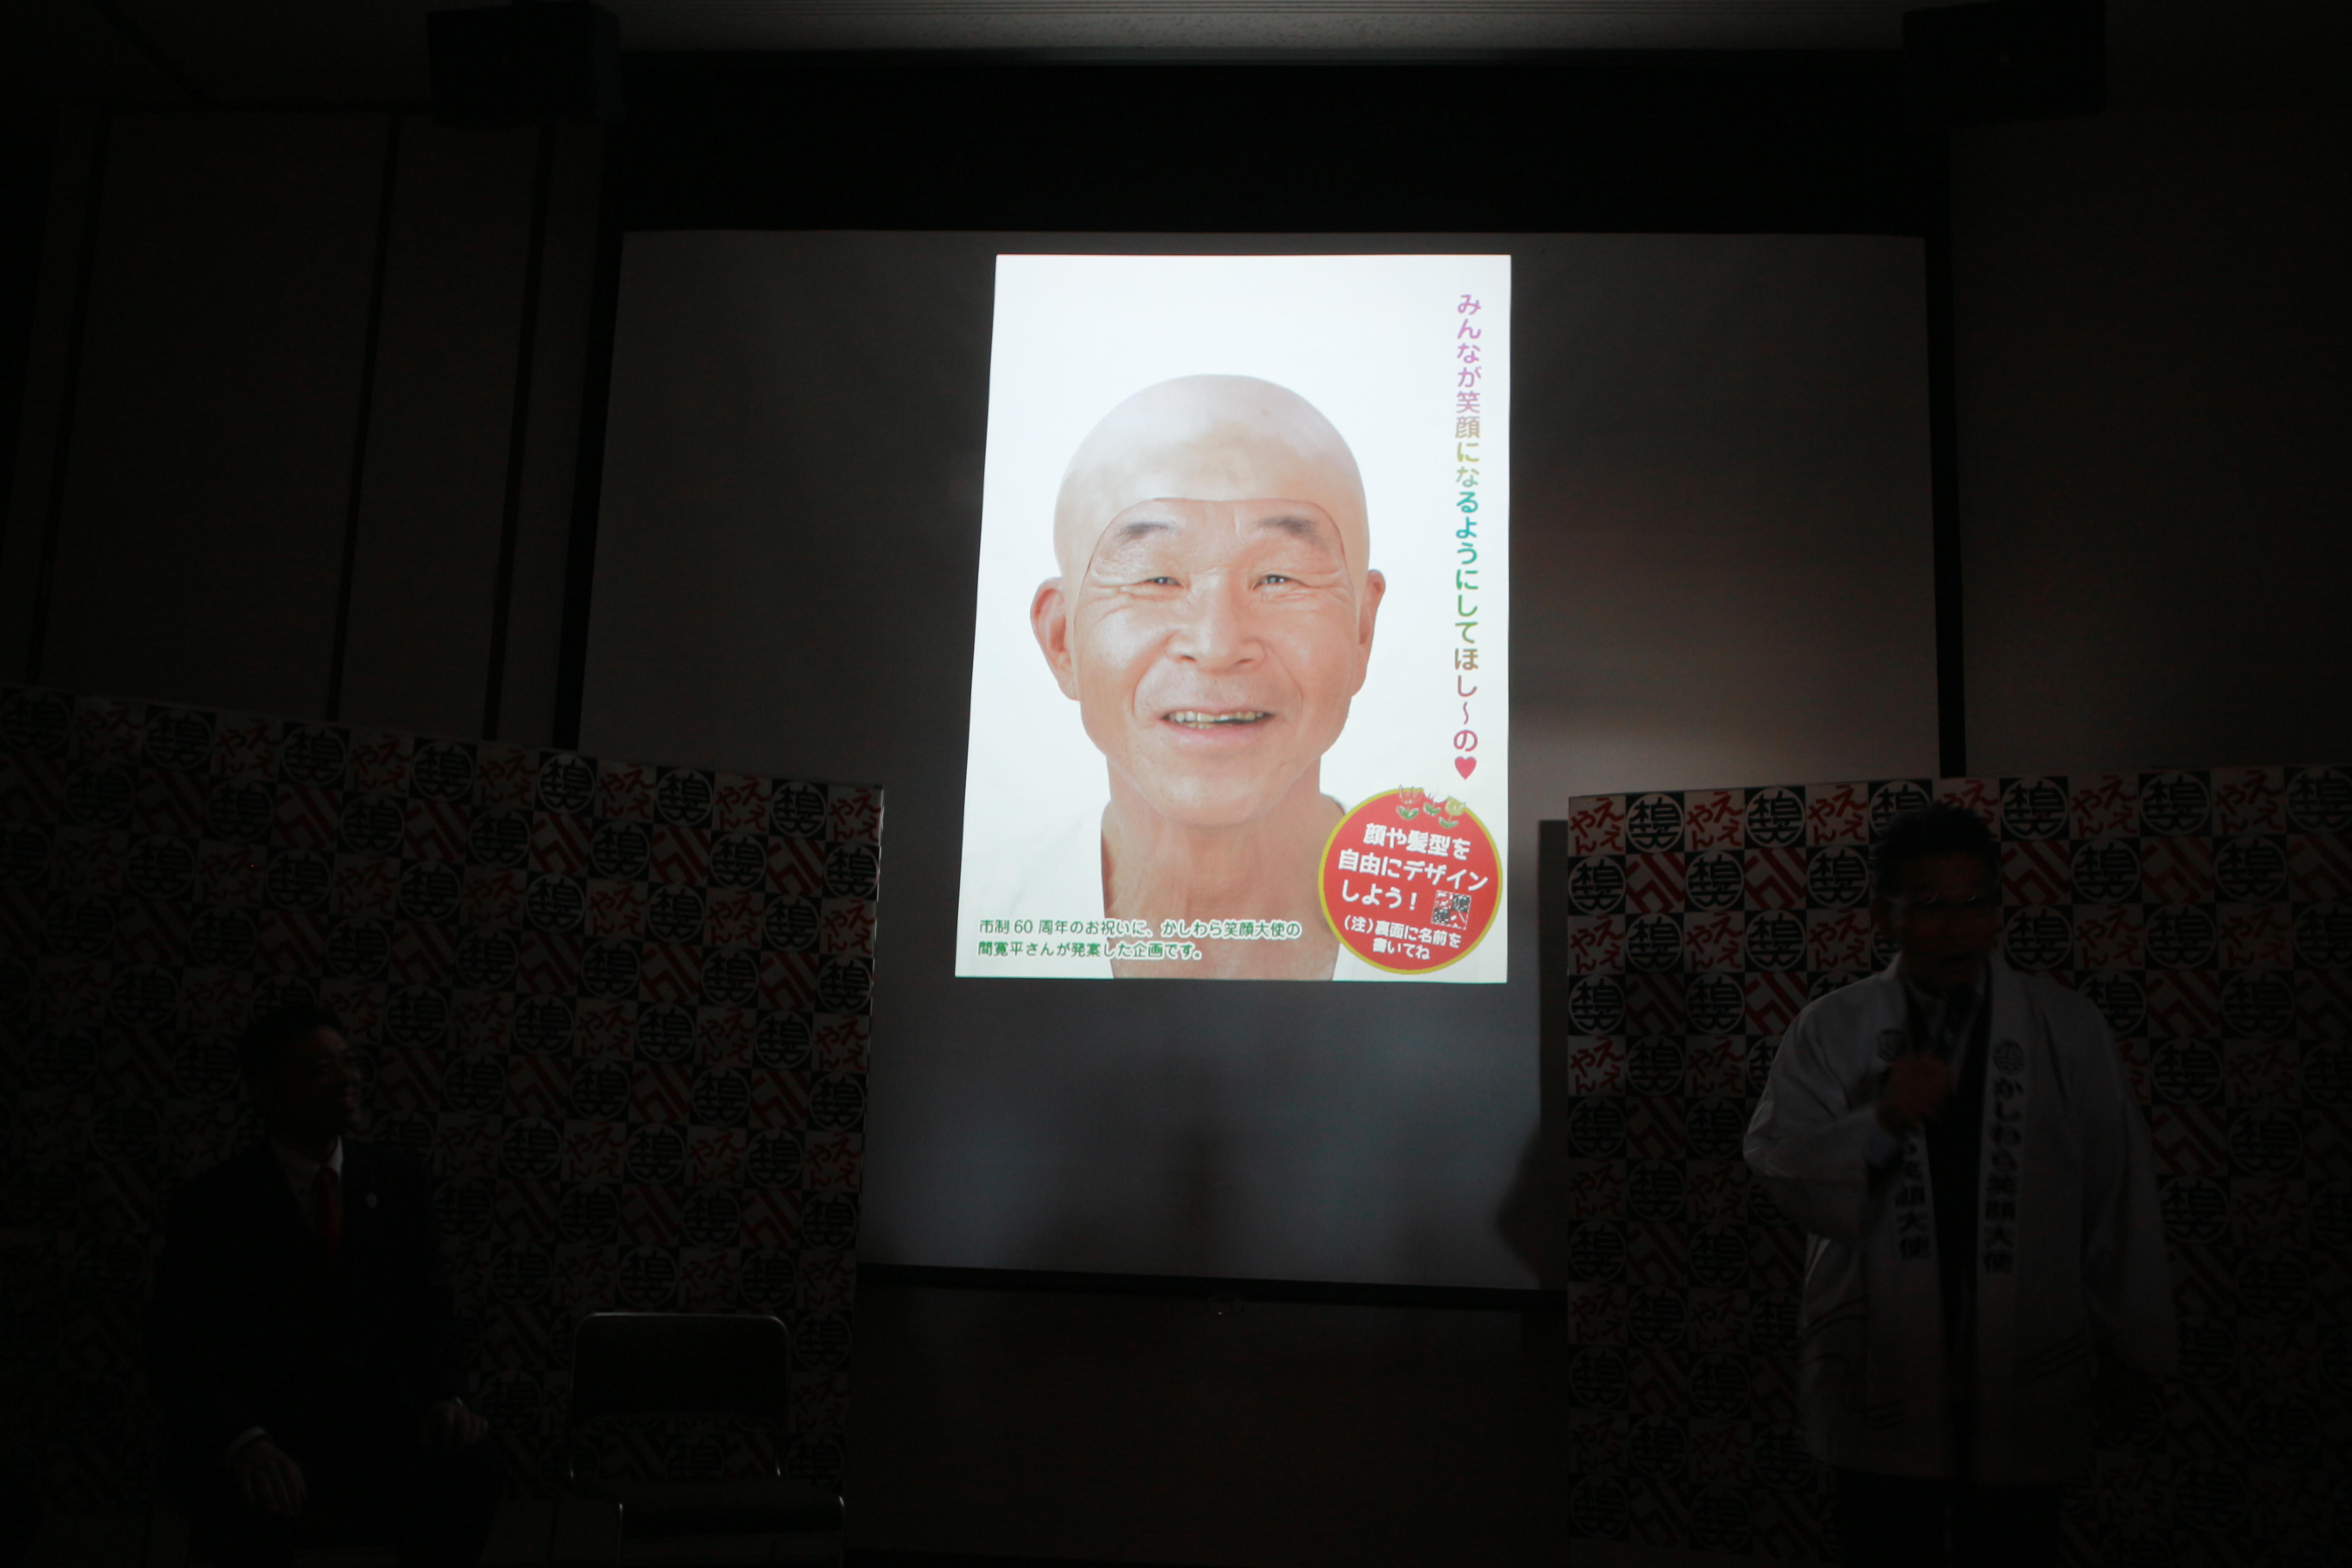 http://news.yoshimoto.co.jp/20180429224924-b0ee43e23985517043e59e8a48d225a8596fd0df.jpg